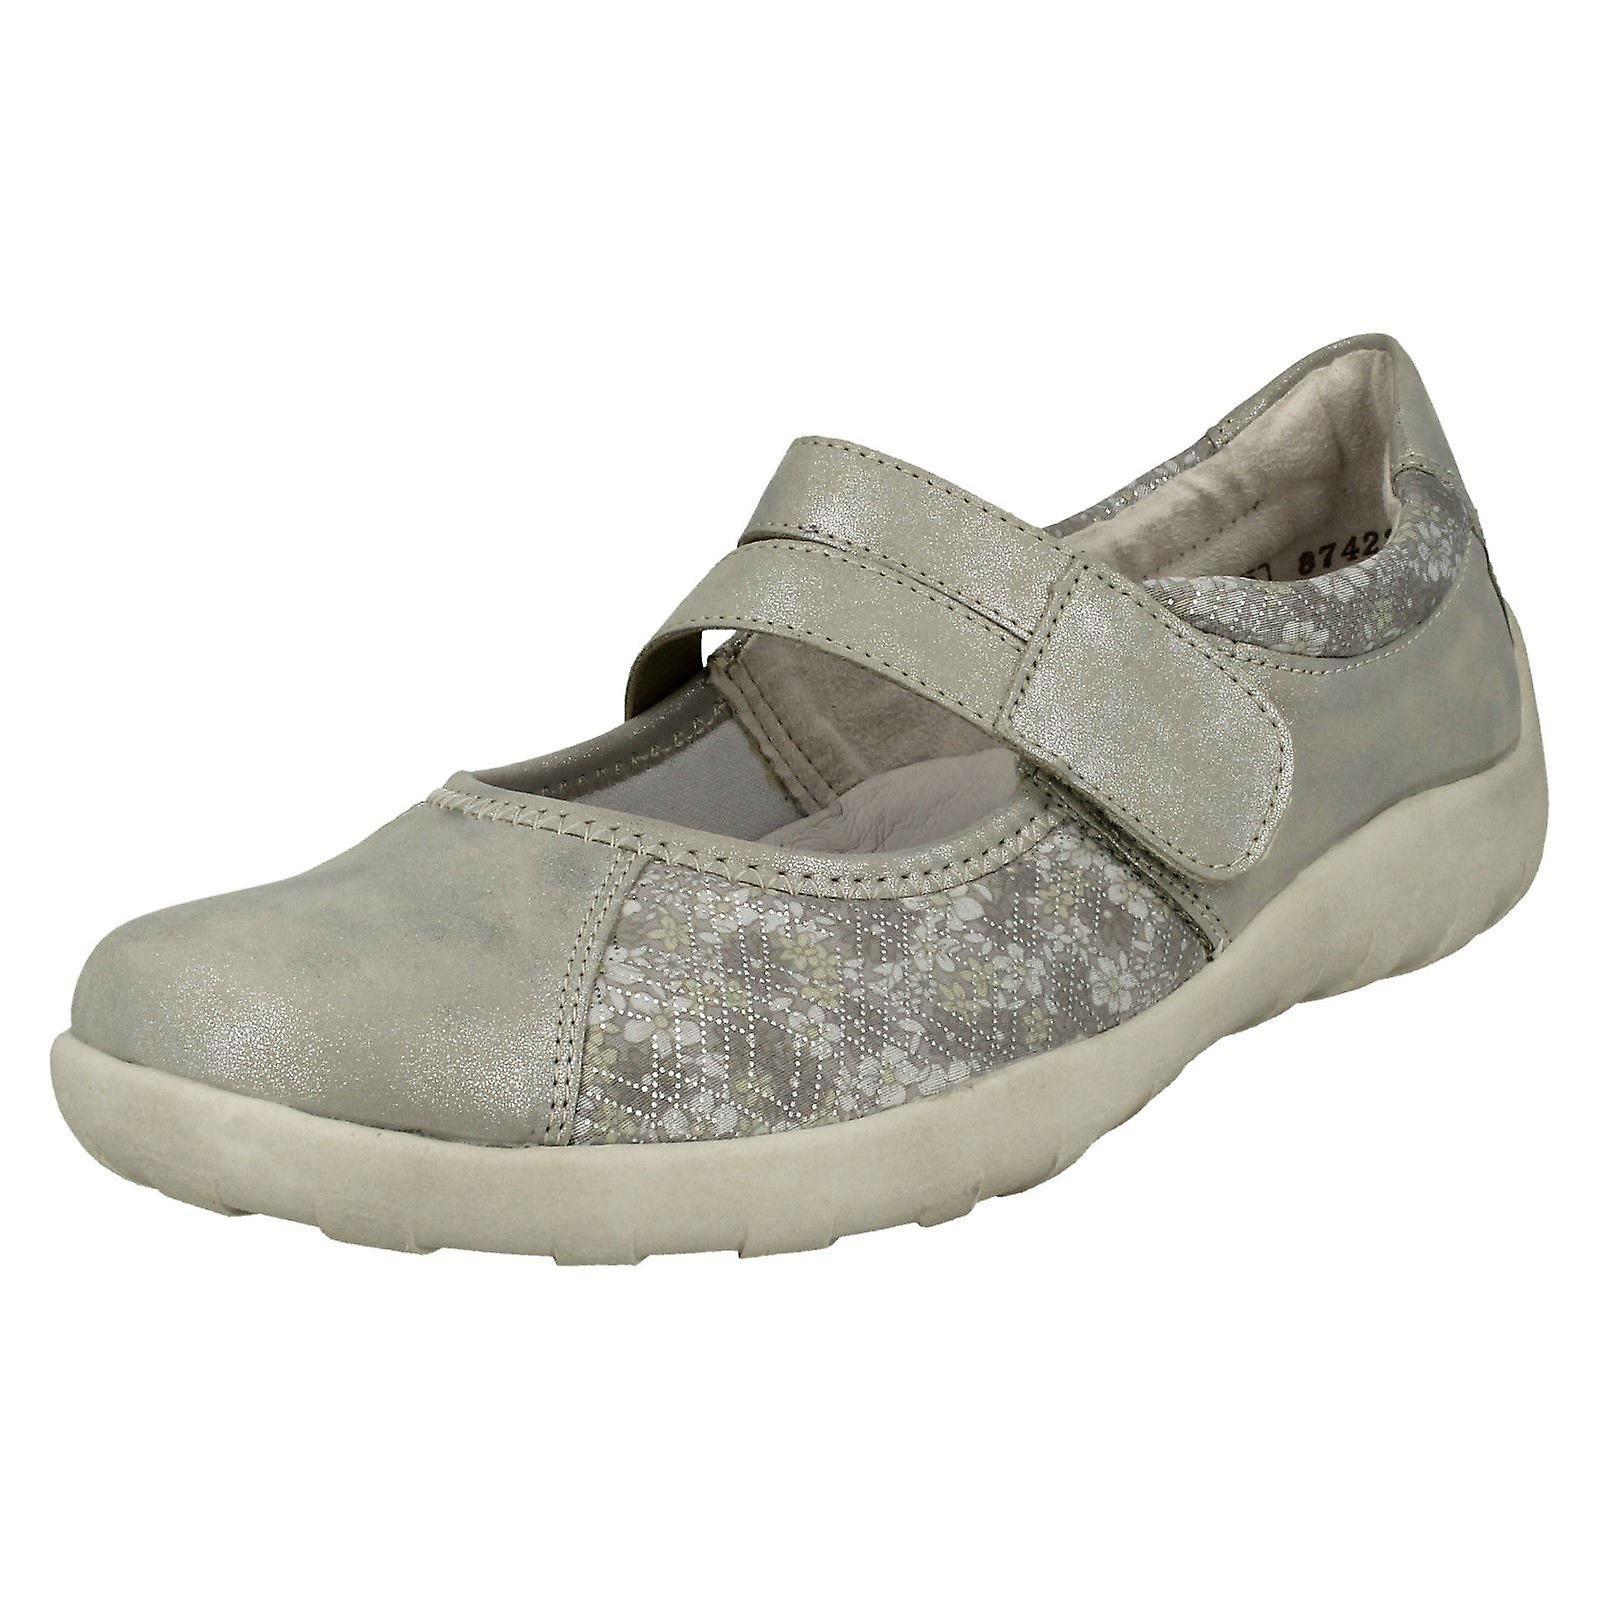 Ladies Remonte Flat Casual scarpe R3510 | Numeroso Nella Varietà  | Scolaro/Signora Scarpa